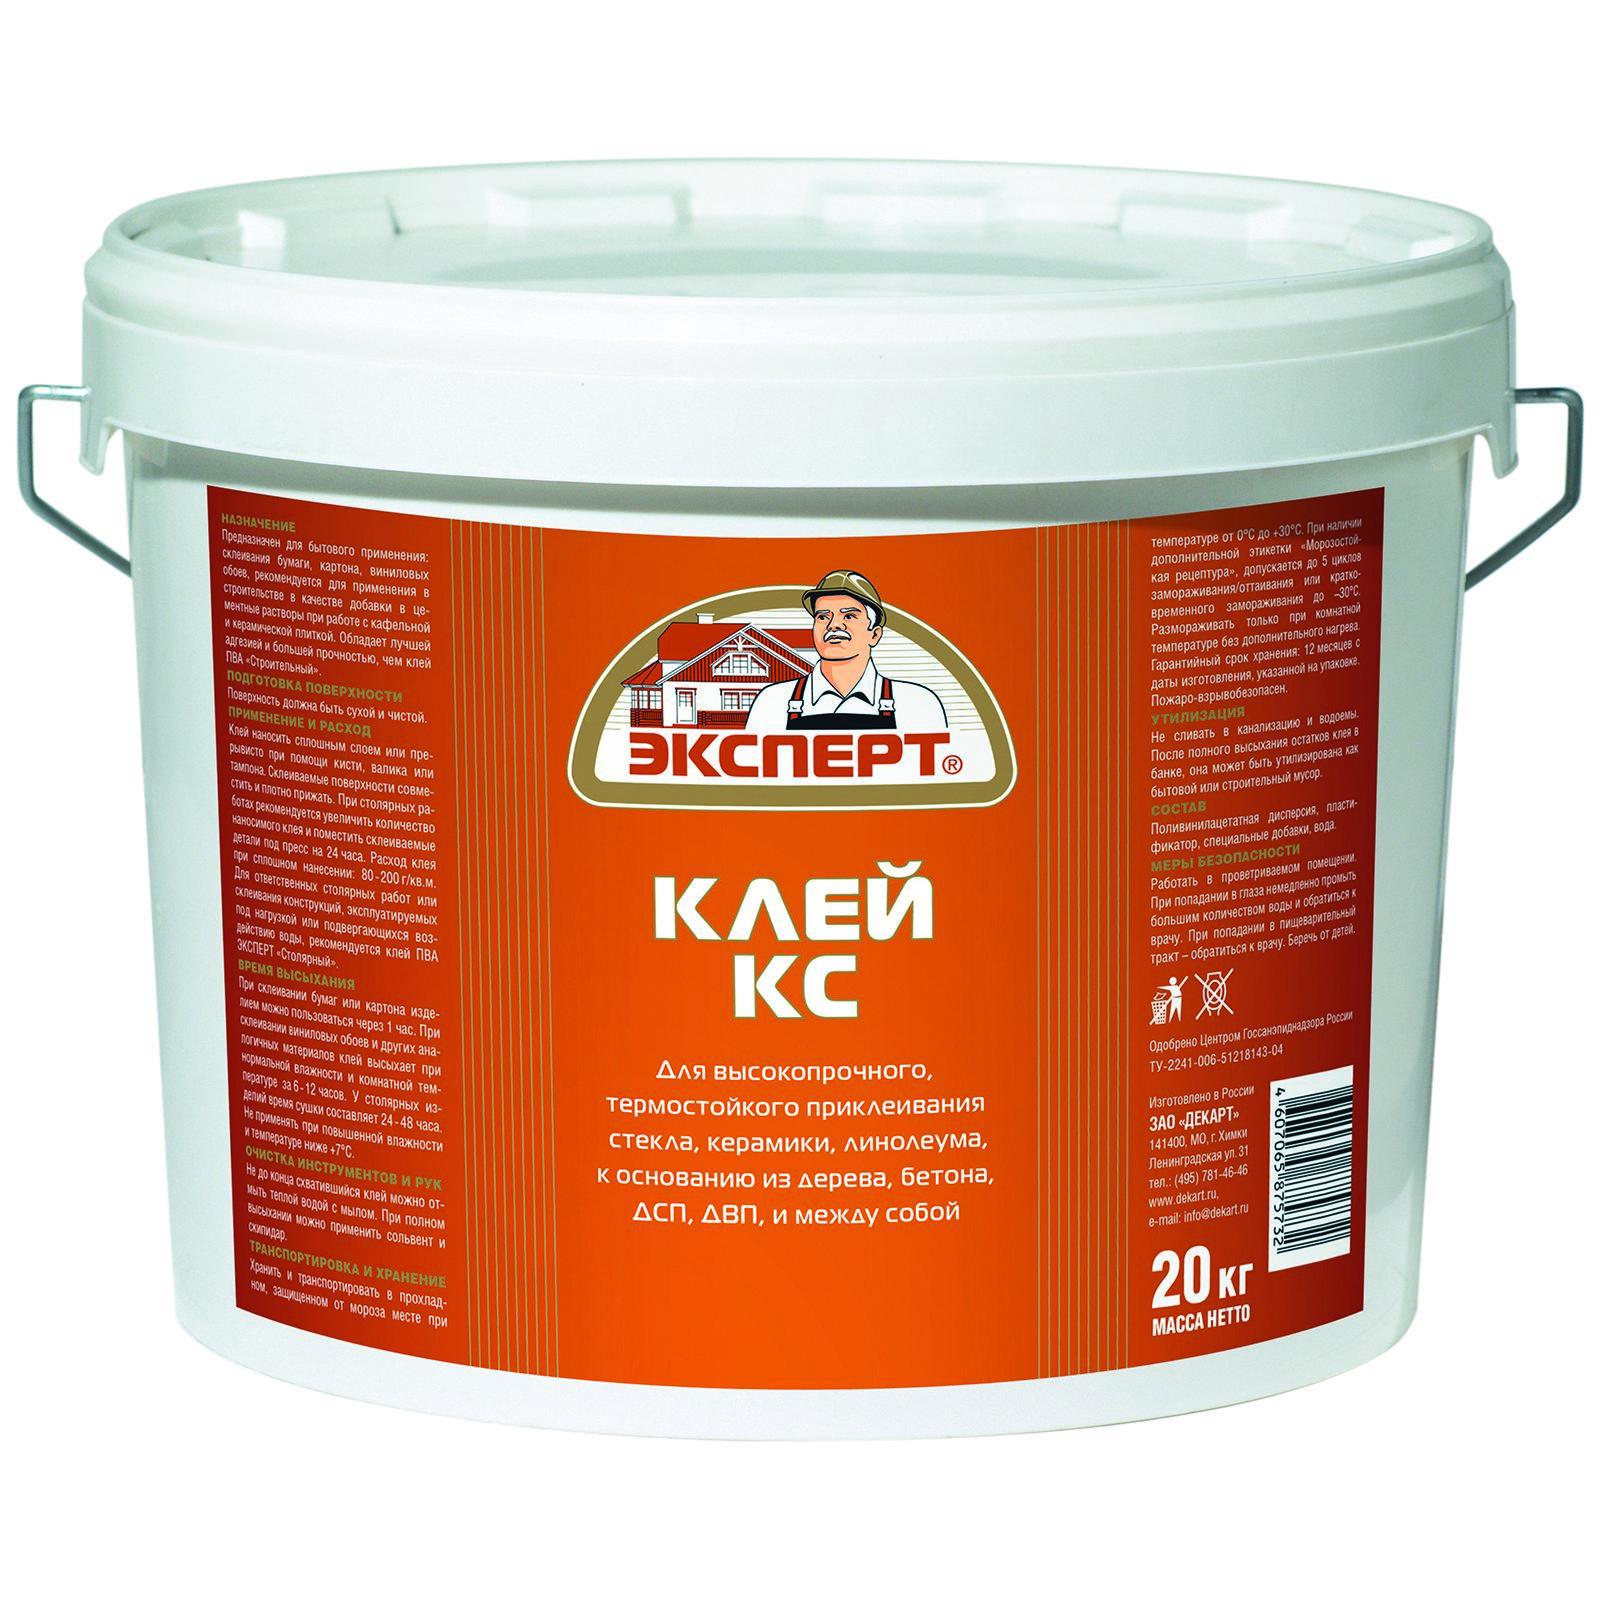 Клей КС 20 кг Эксперт - фото